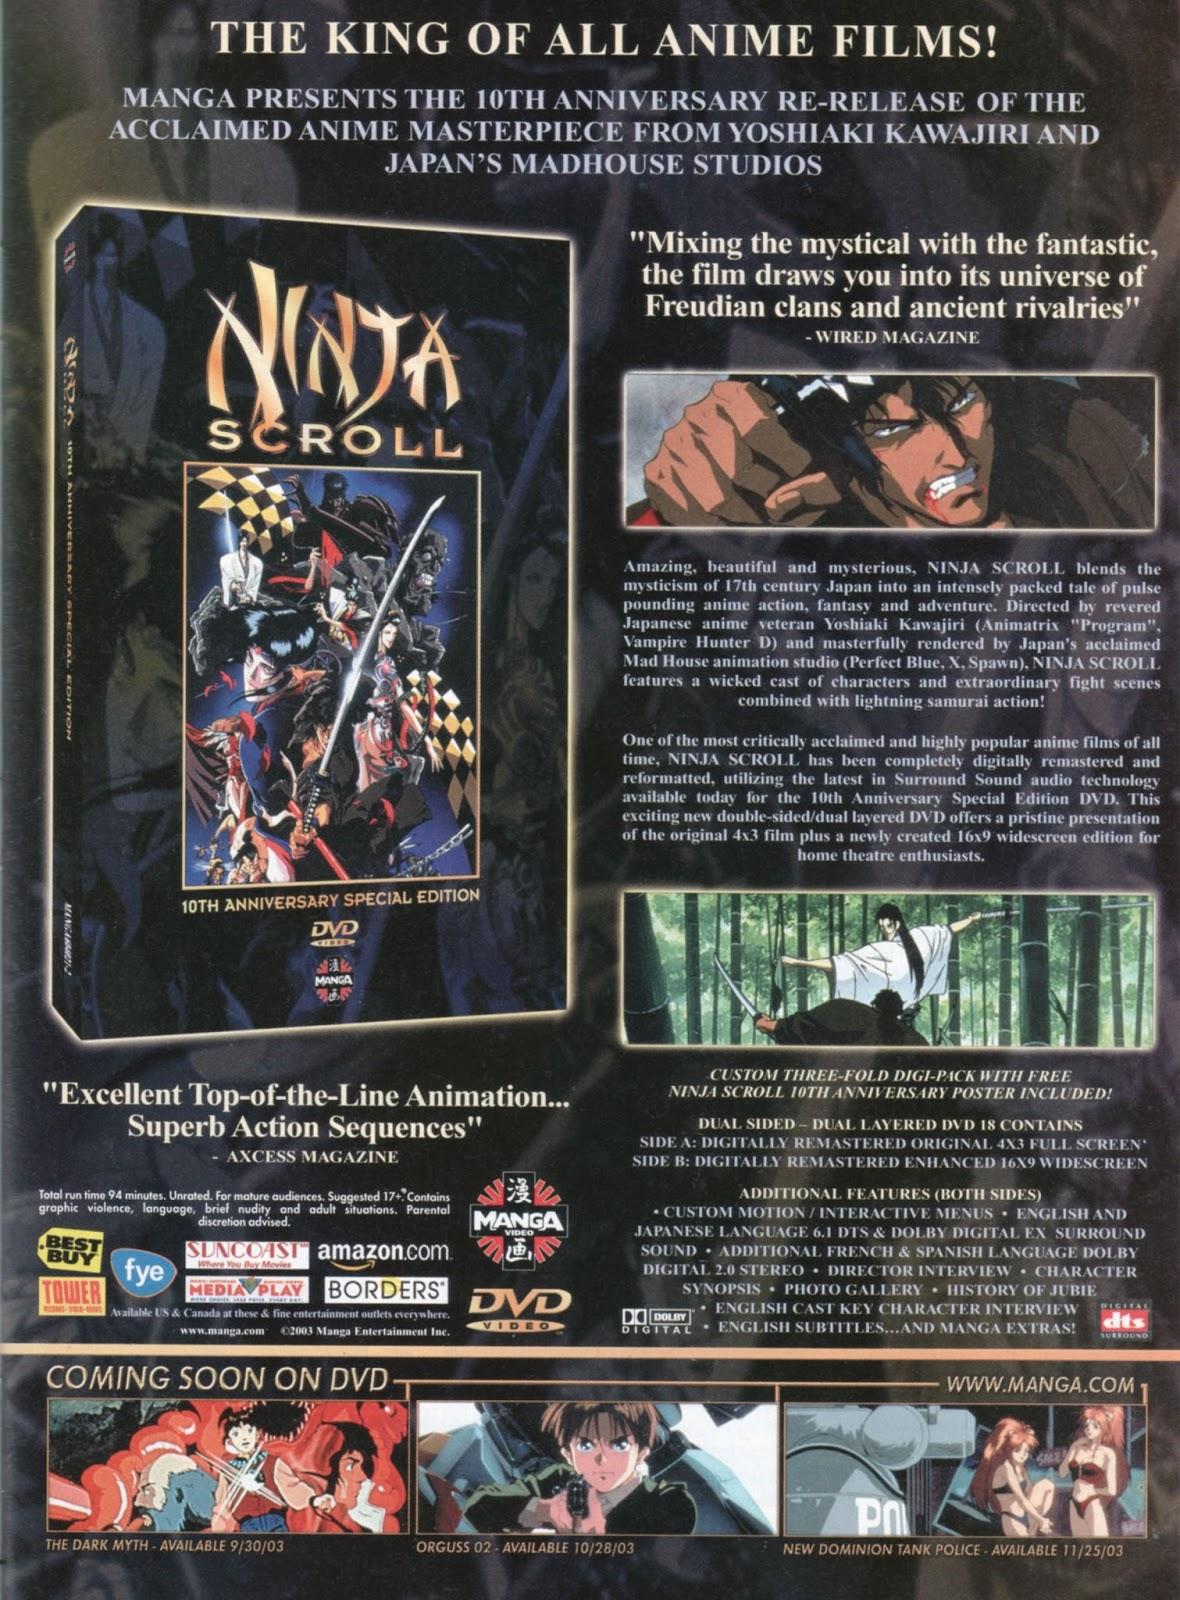 Joy's japanimation: ninja scroll movie 10th anniversary multi.